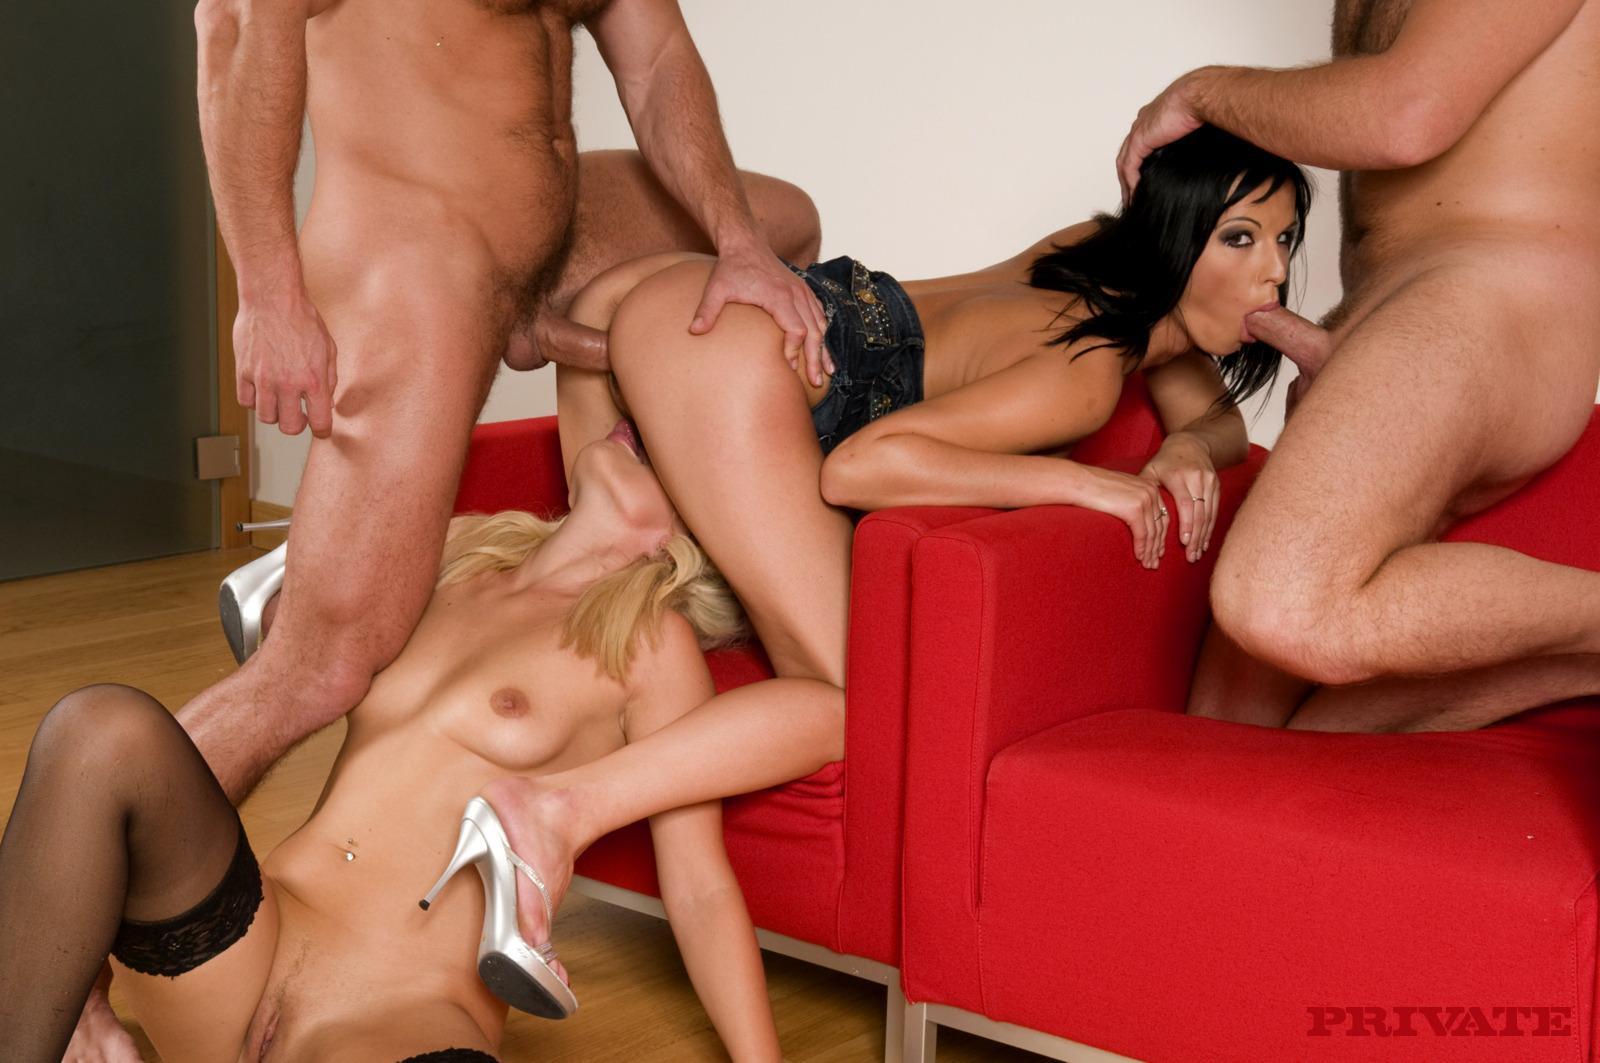 Смотреть онлайн порногрупповуху, Групповое порно - Смотреть групповой секс бесплатно 3 фотография